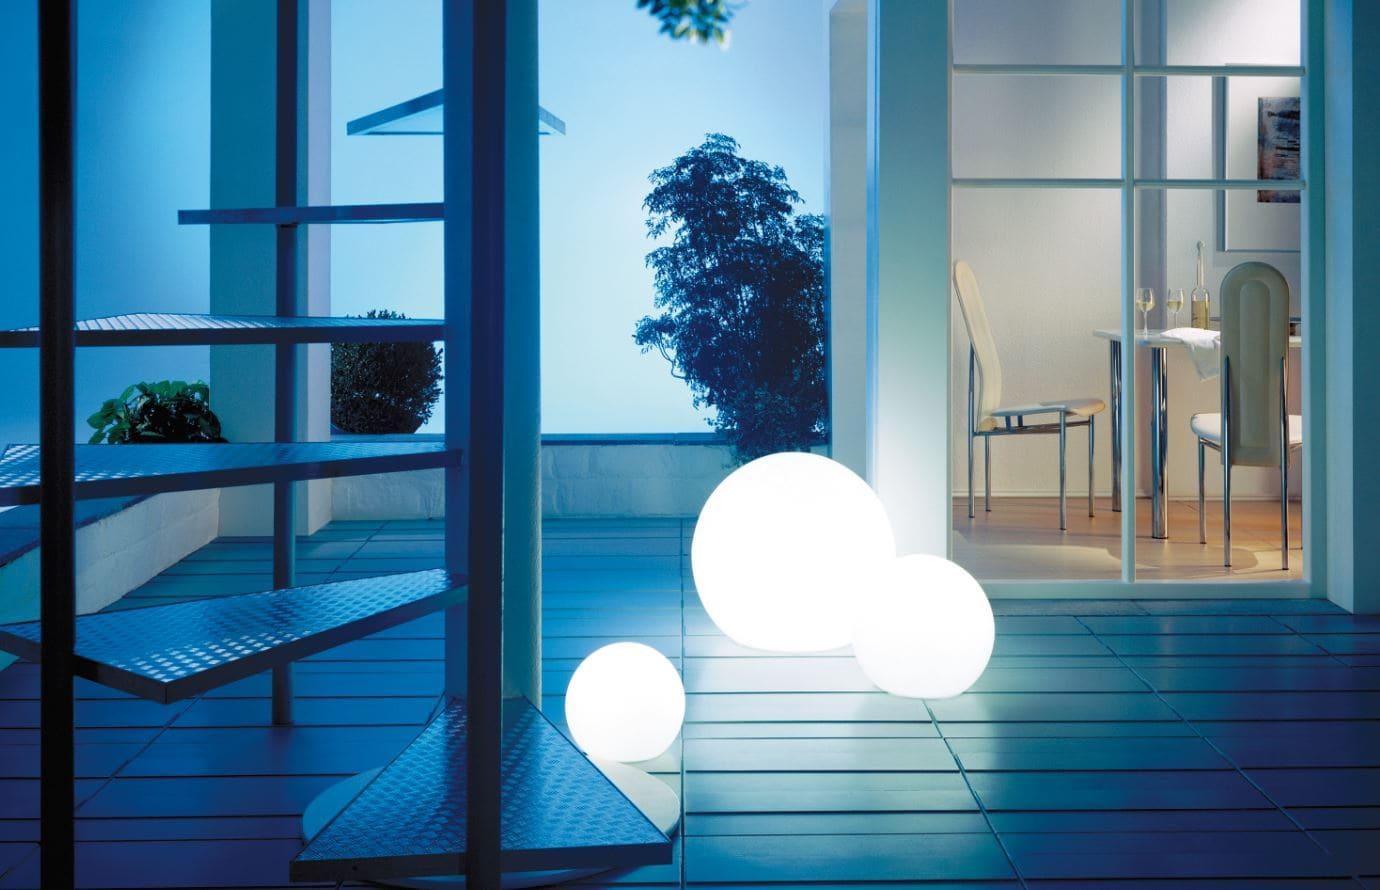 beleuchtung terrasse ideen kugeln weiss licht - Kugelleuchten & Kugellampen für den Garten Gartenkugeln Leuchtkugeln mit LED